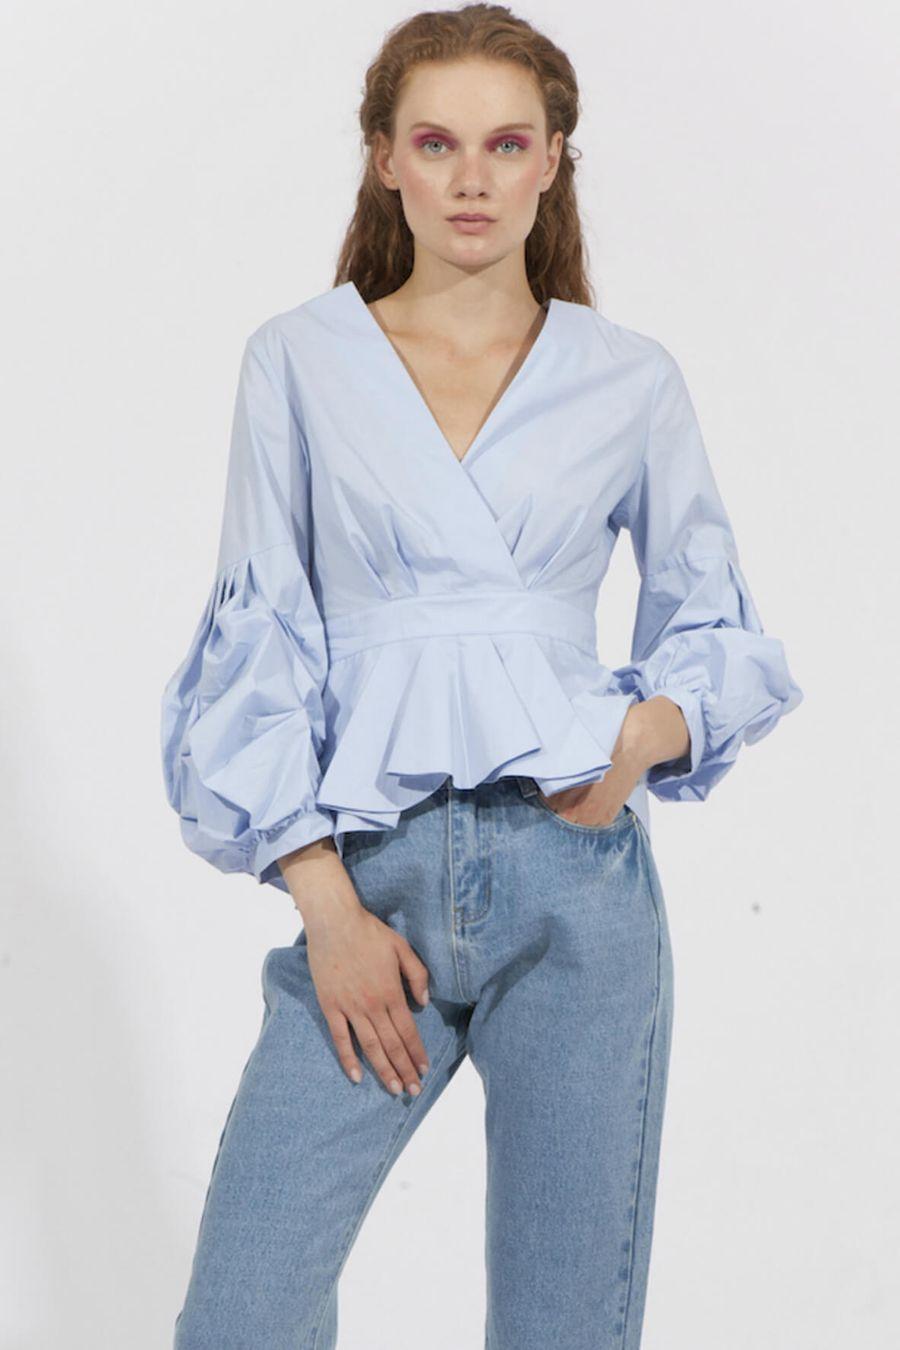 Style Theory_jovonna-lyla-blouse-3